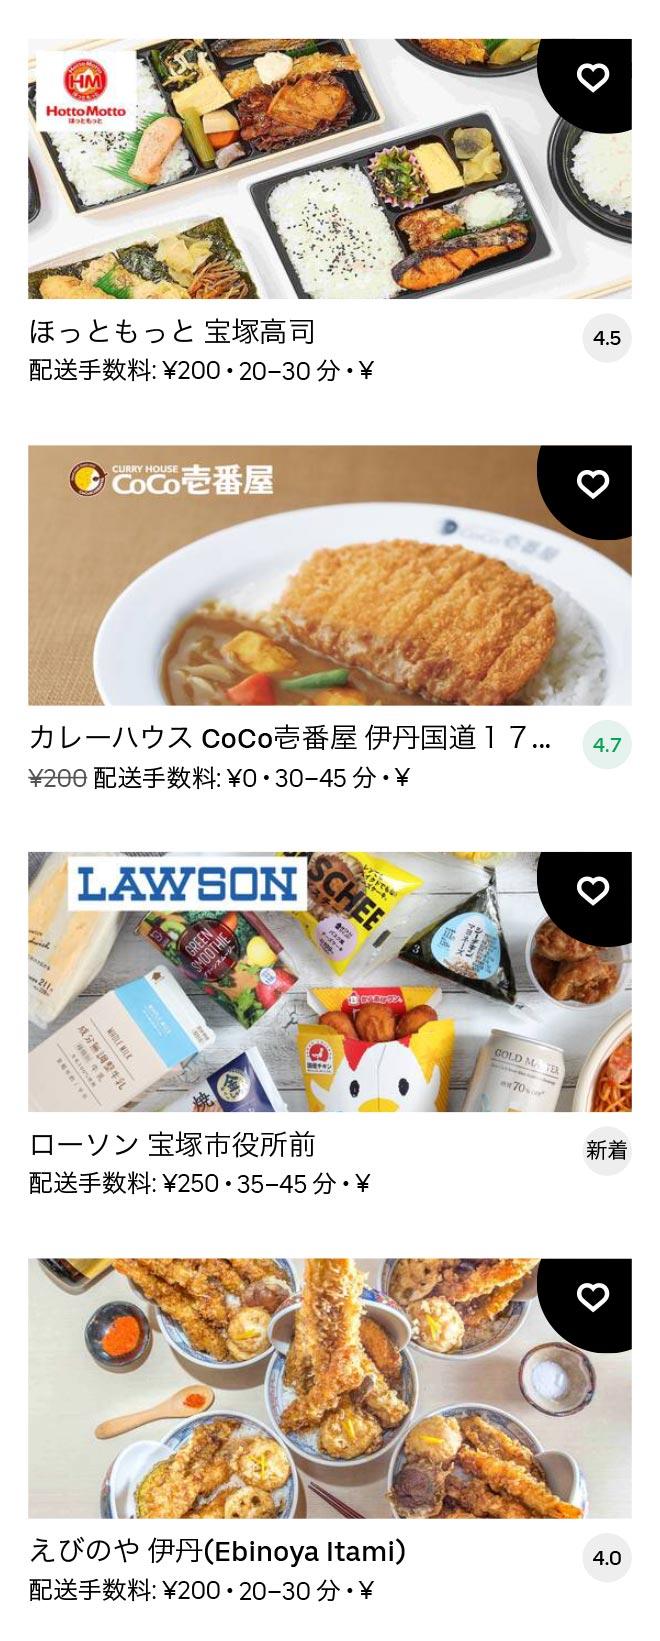 Itami nakano menu 2011 03